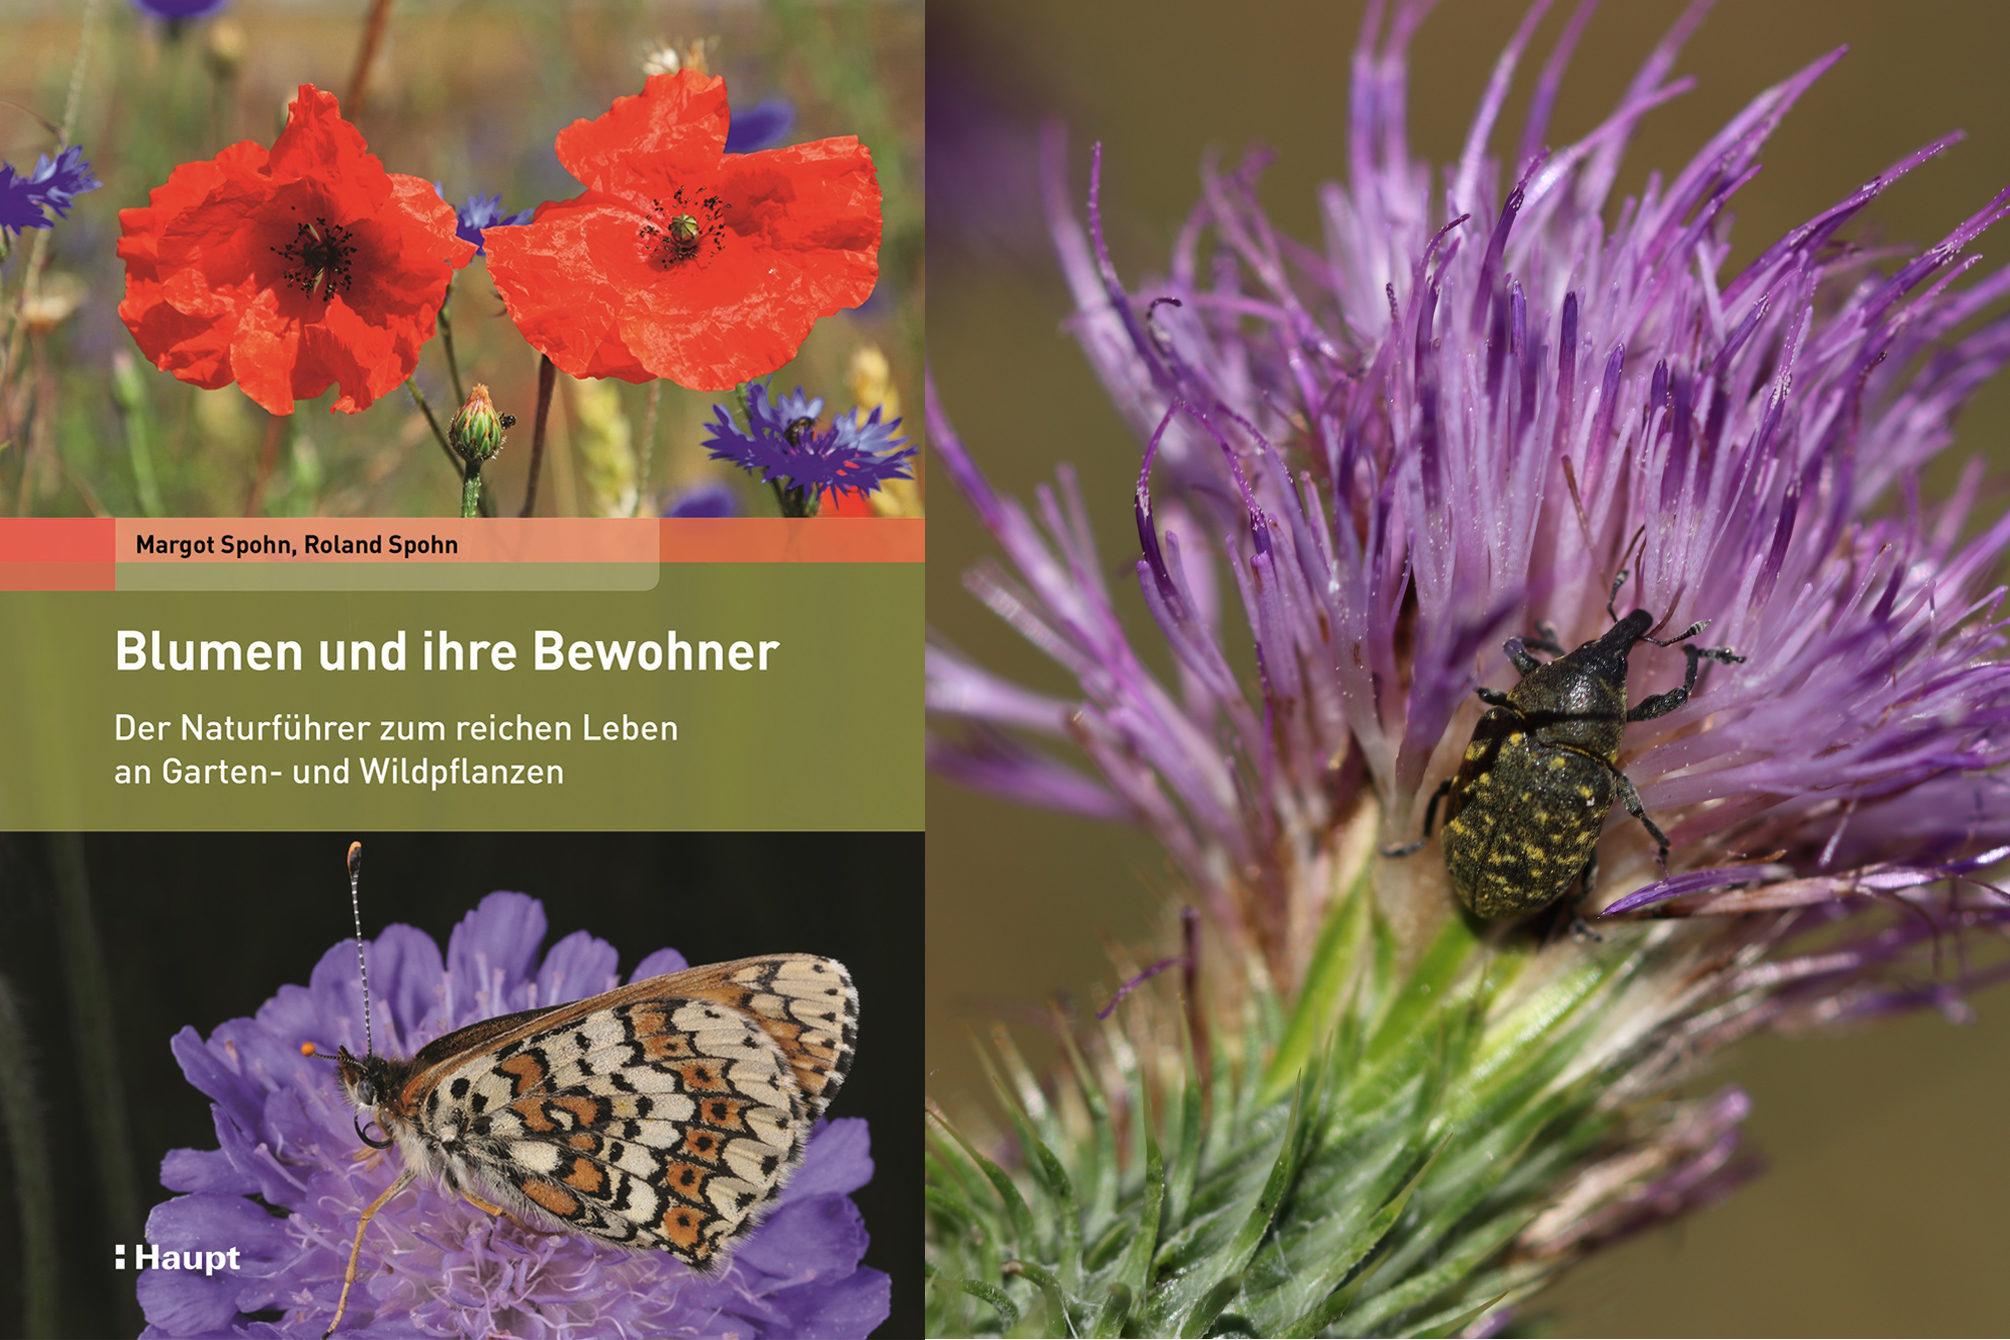 Spohn und Spohn: Blumen und ihre Bewohner, Rezension von Katharina Heuberger